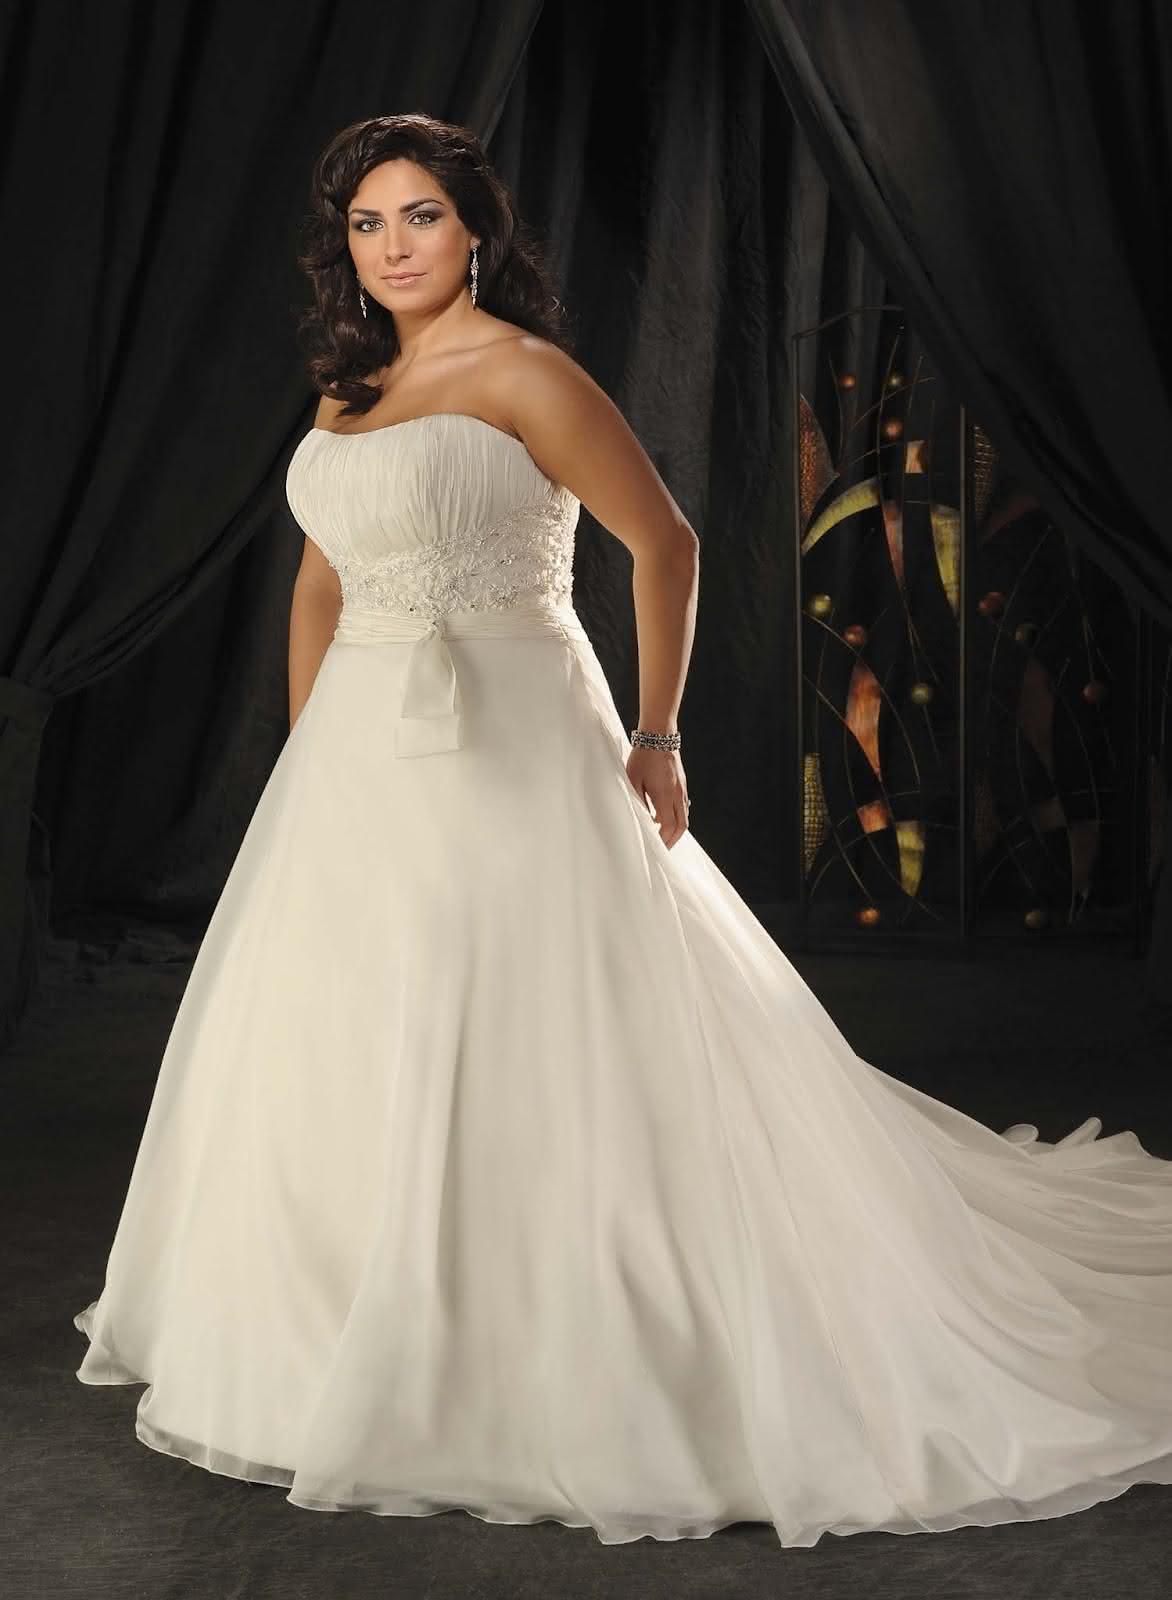 Vestidos de noiva para gordinhas muitos modelos e fotos for Taille plus mariage dresse